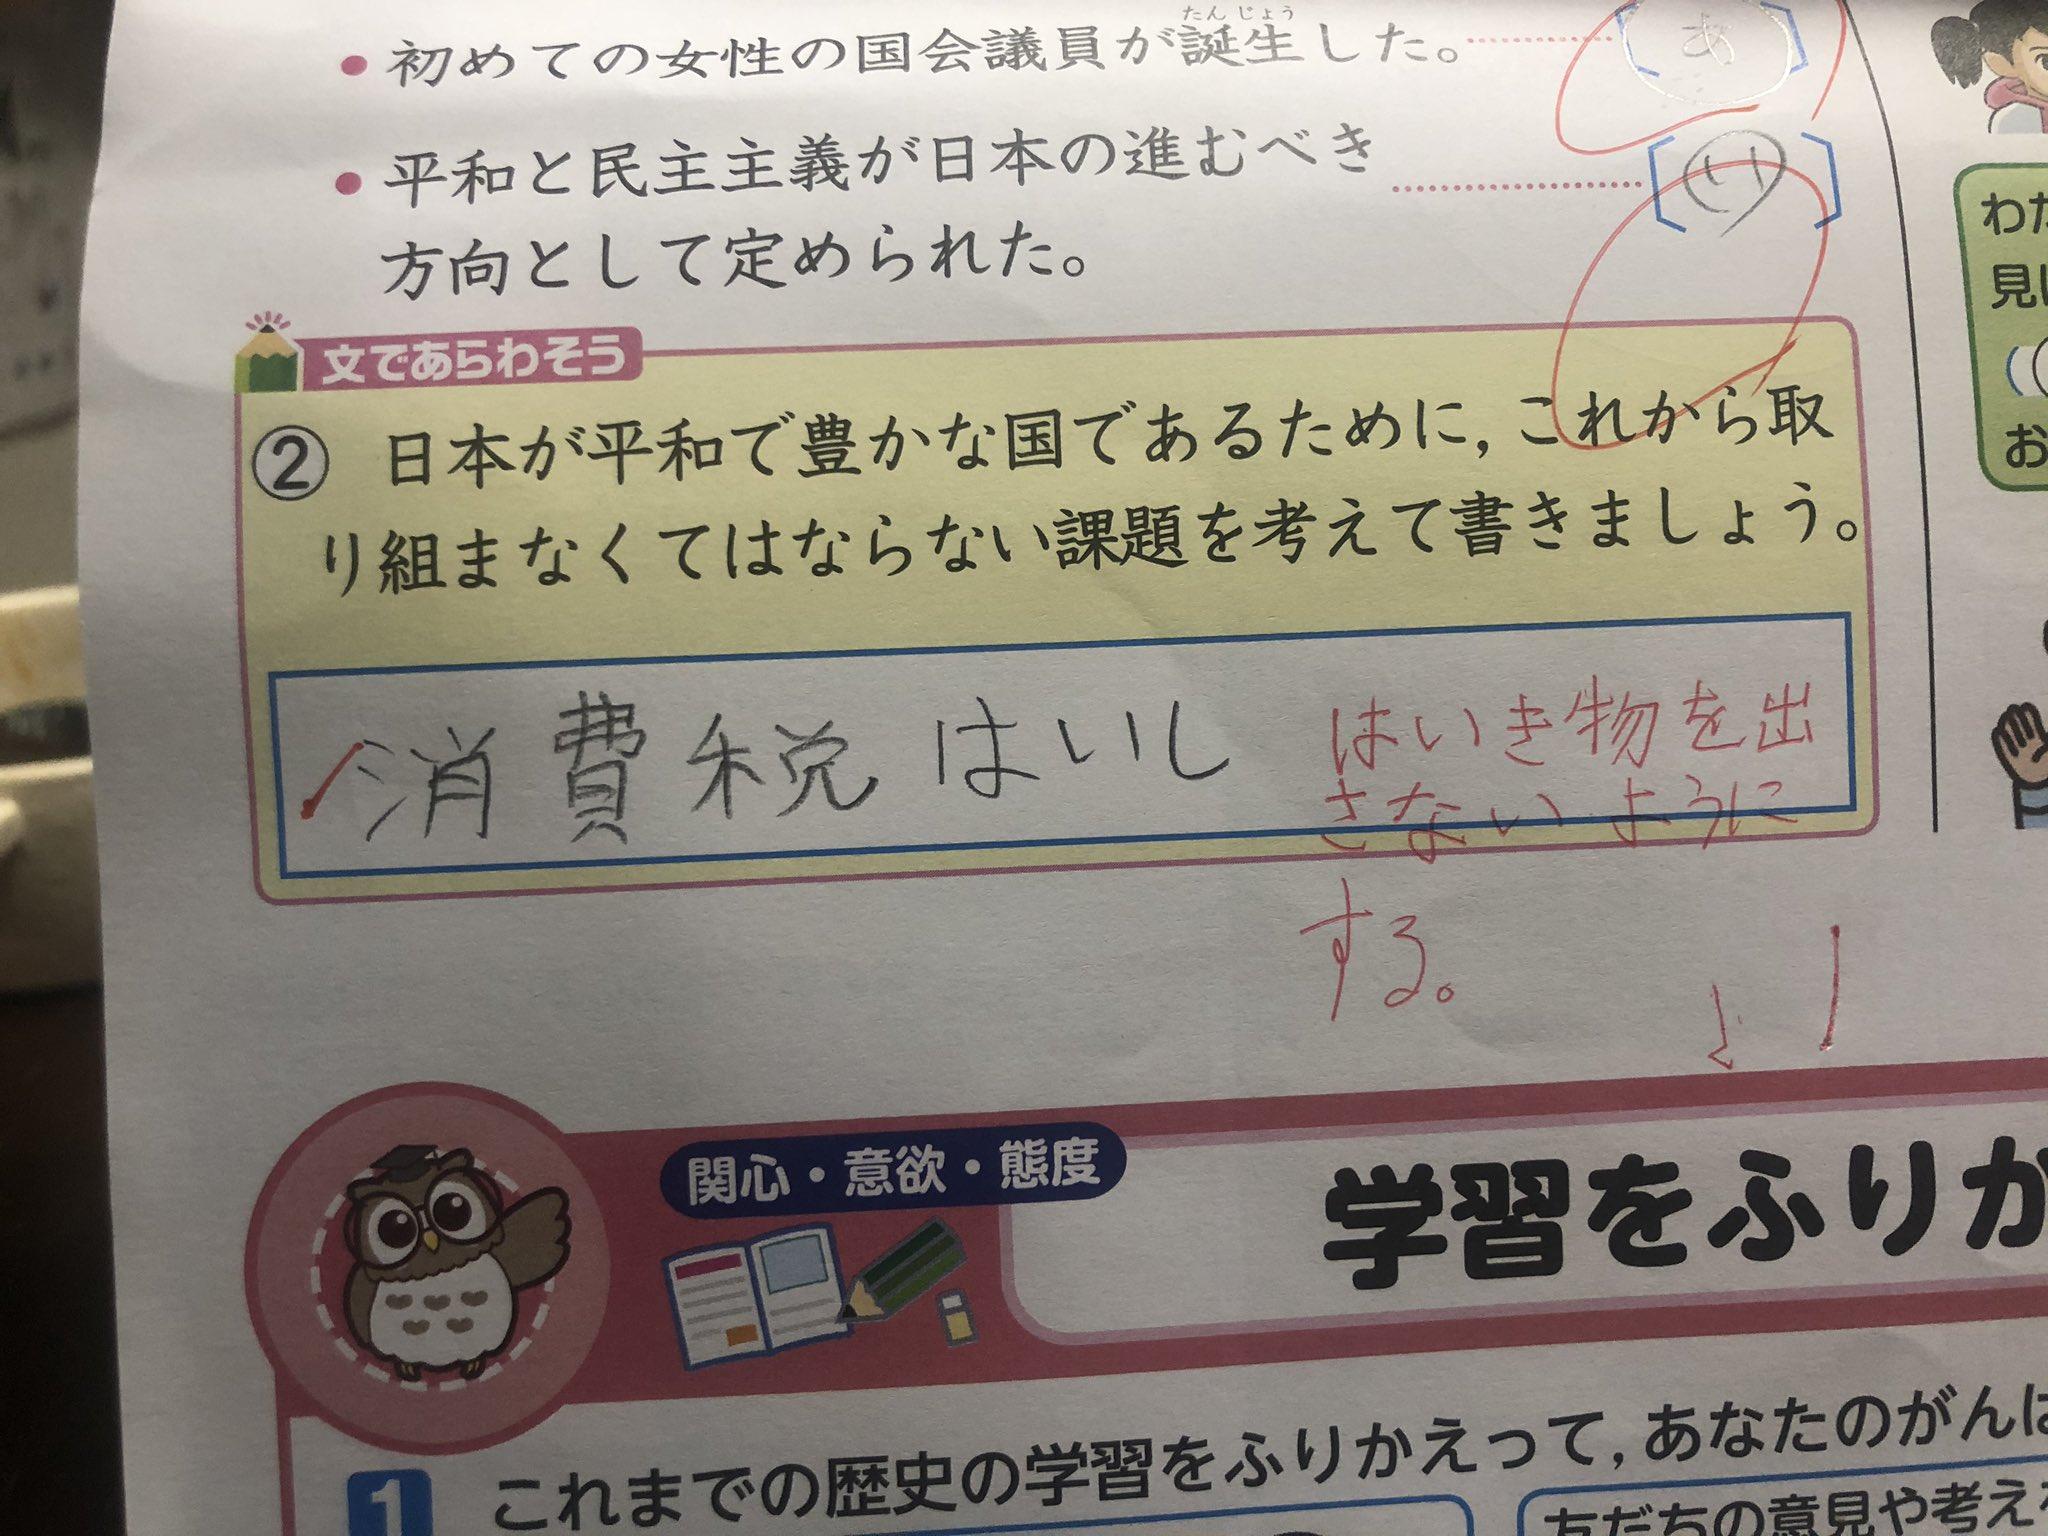 皆さん沢山のいいねをありがとうございます❣️ その小学6年の娘、「ママ聞いて〜バツにされた〜〜」と今日返された社会のテスト、、、 これはバツですか??? 山本太郎の動画で毎日「社会」を学んでいた娘(笑)